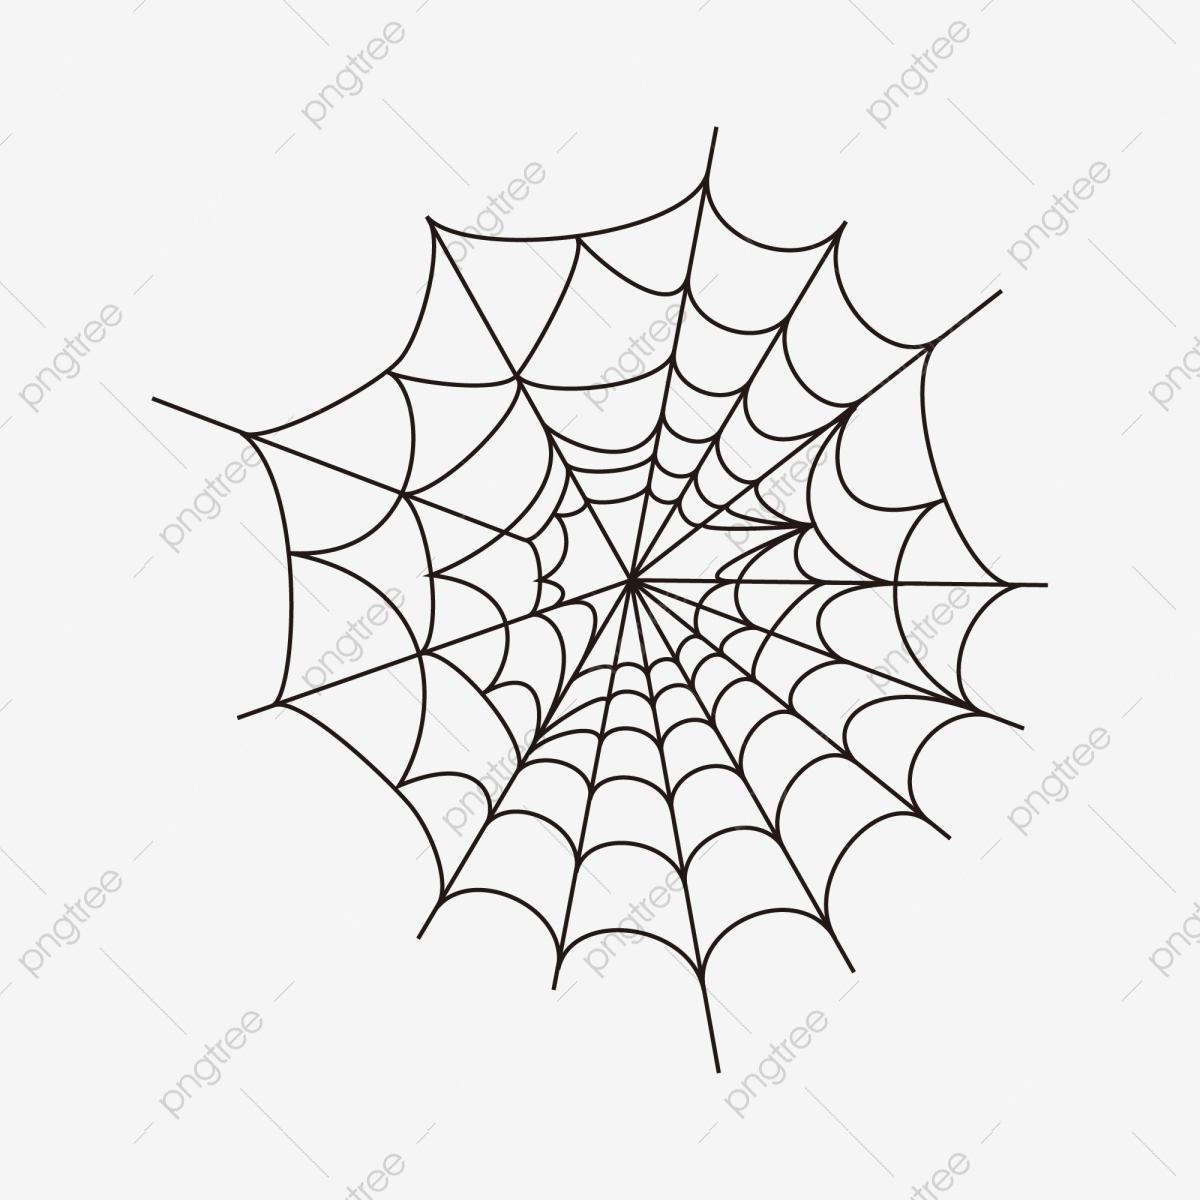 Dessin De Toiles D'araignées En Matière De Toiles D à Toile D Araignée Dessin